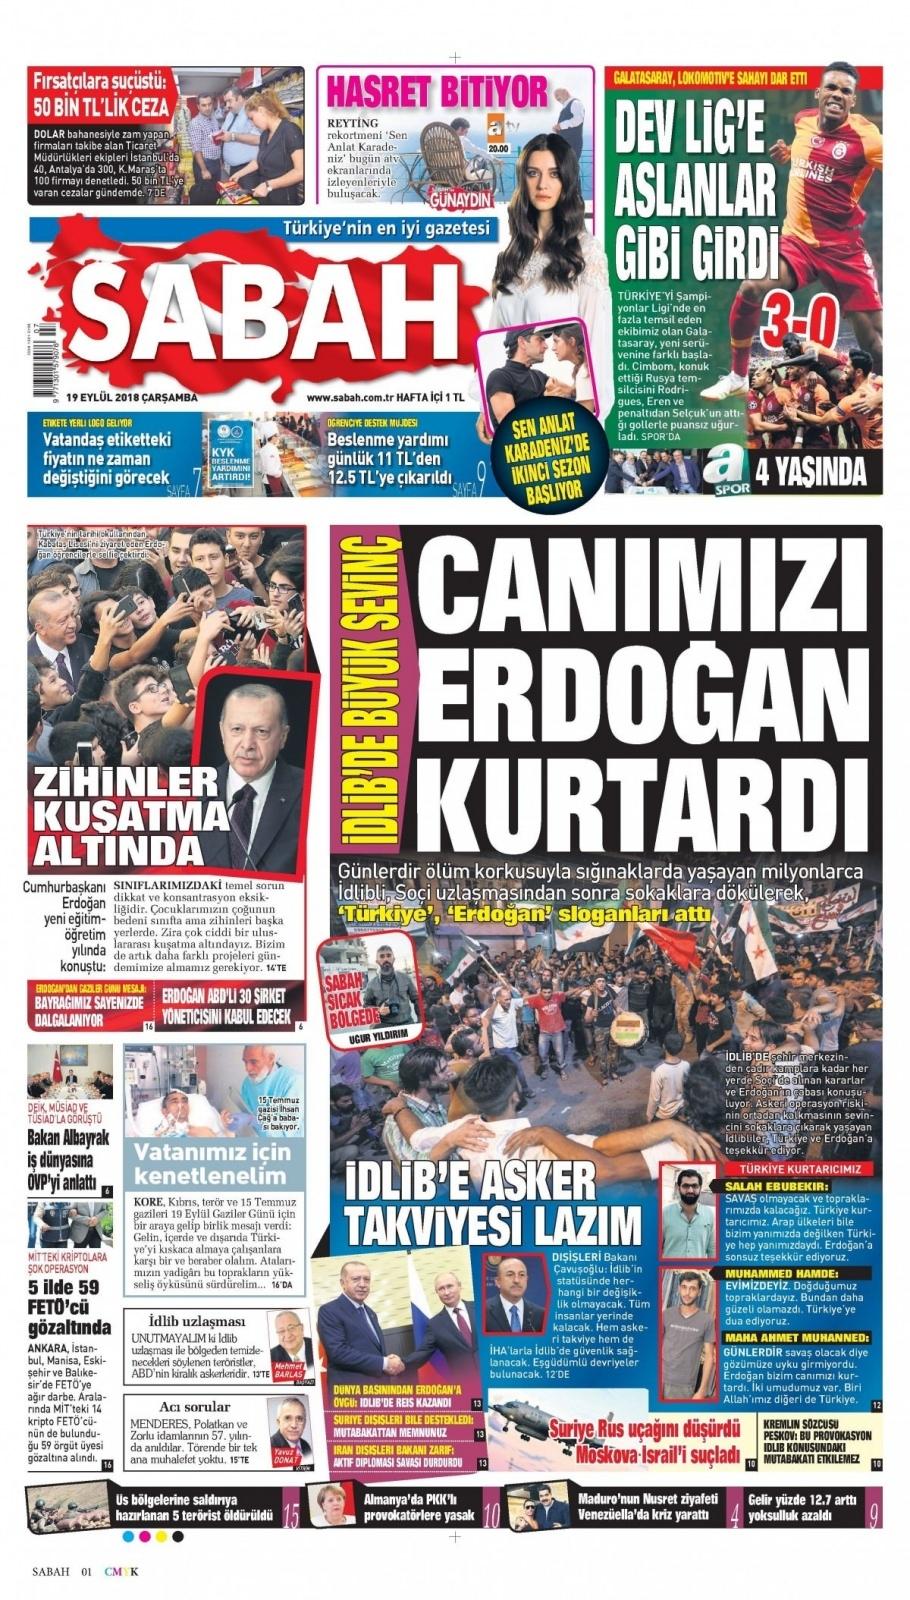 19 Eylül 2018 gazete manşetleri 1